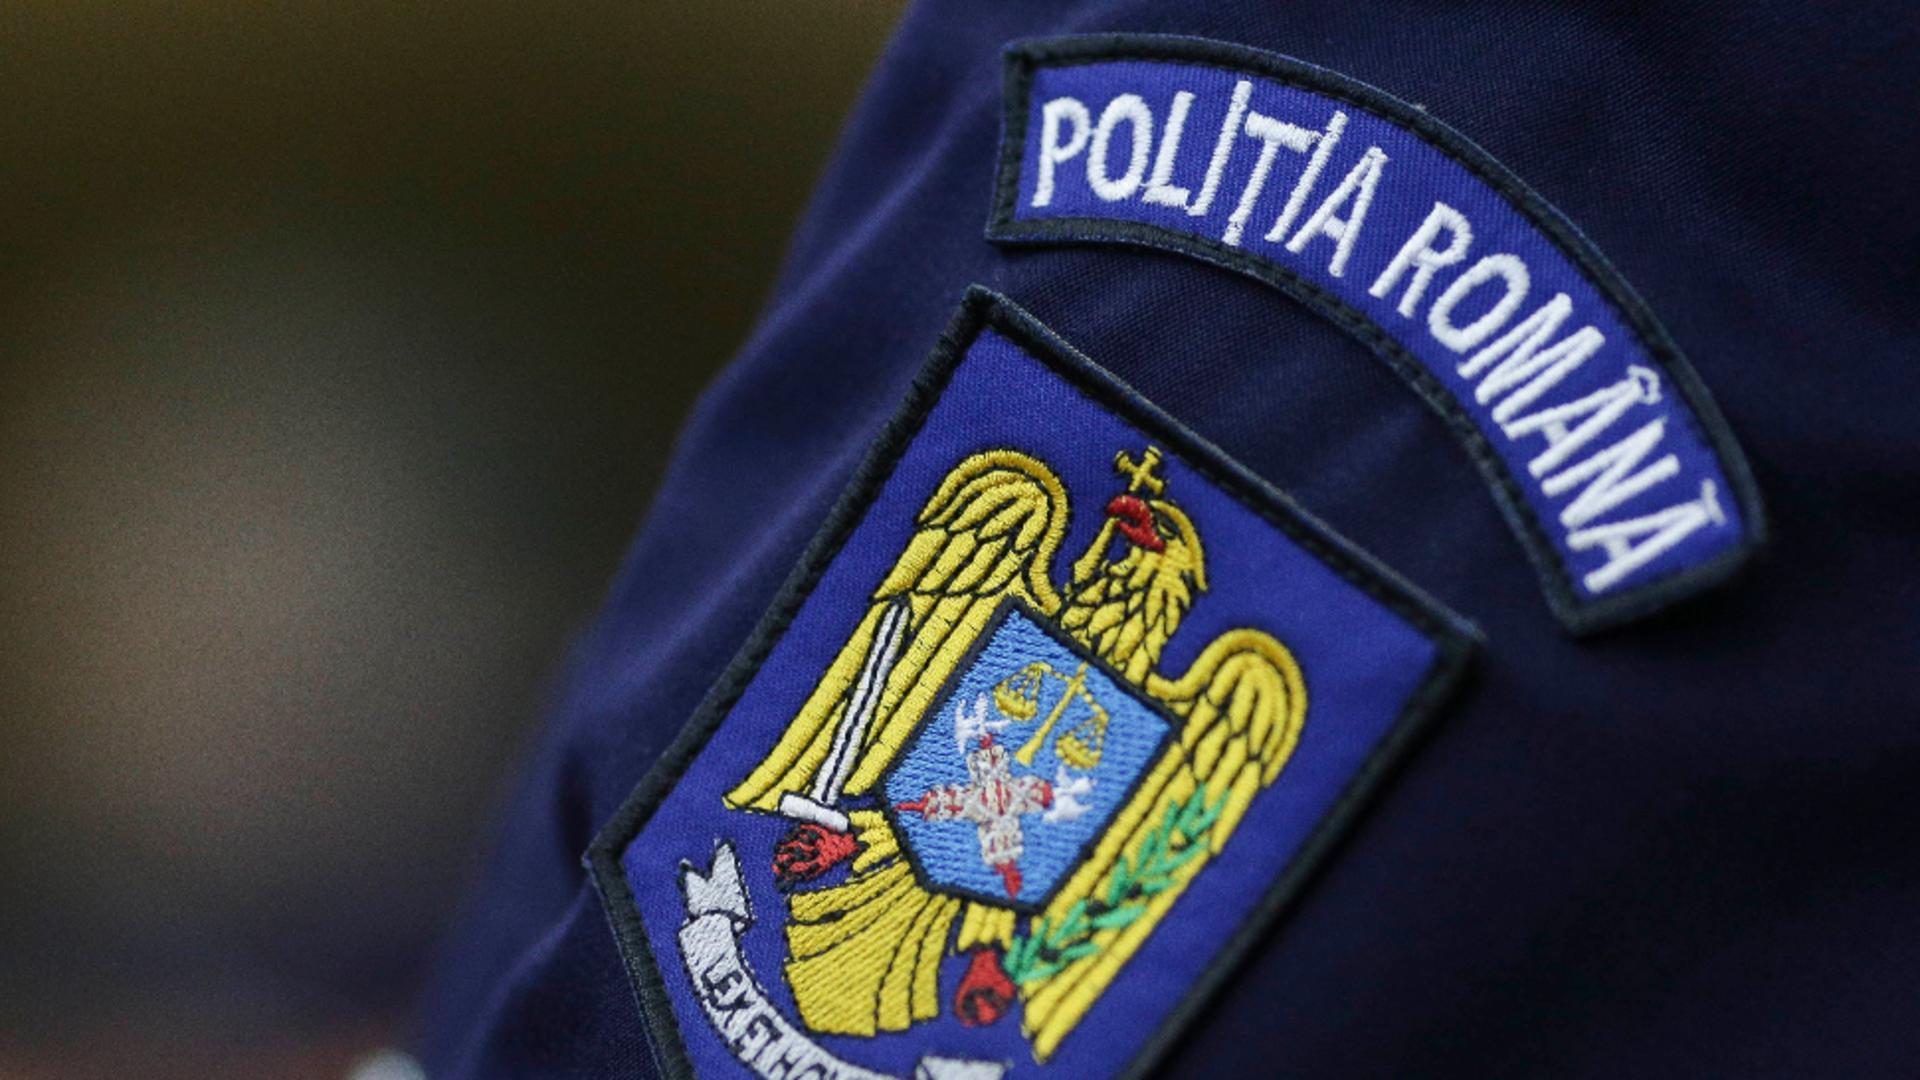 Politia Vaslui/foto: INQUAM